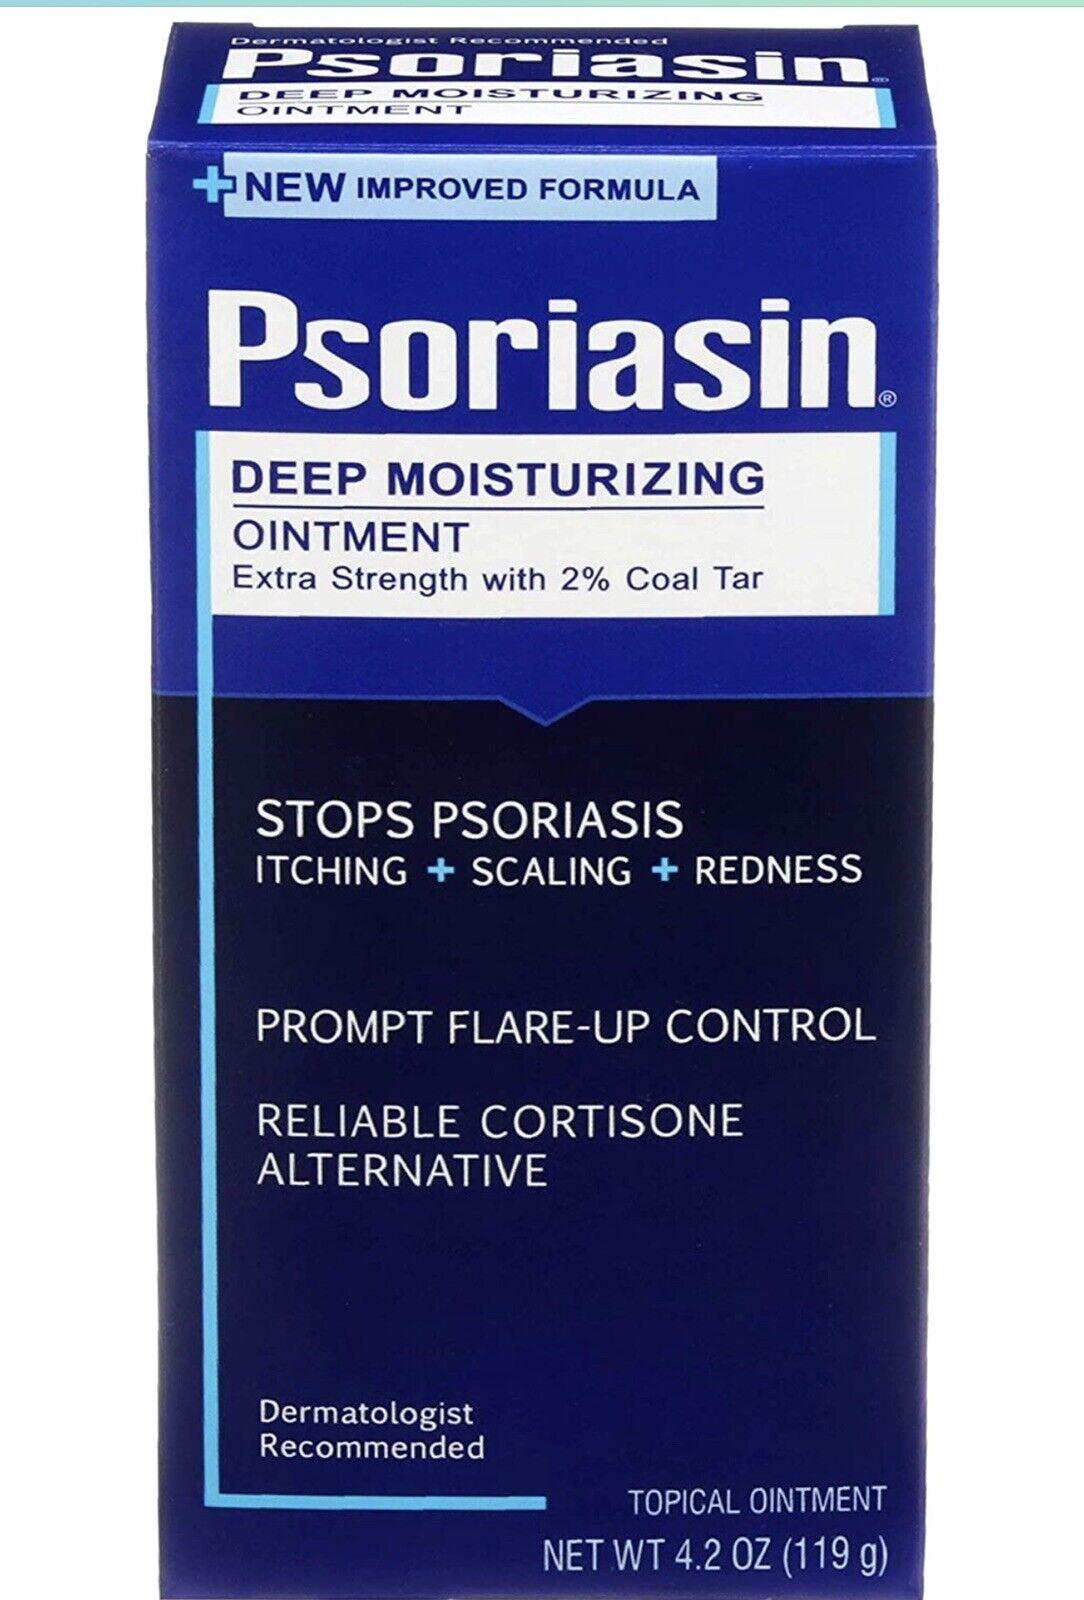 psoriasis guidelines uk vörös domború folt a bőrfotón